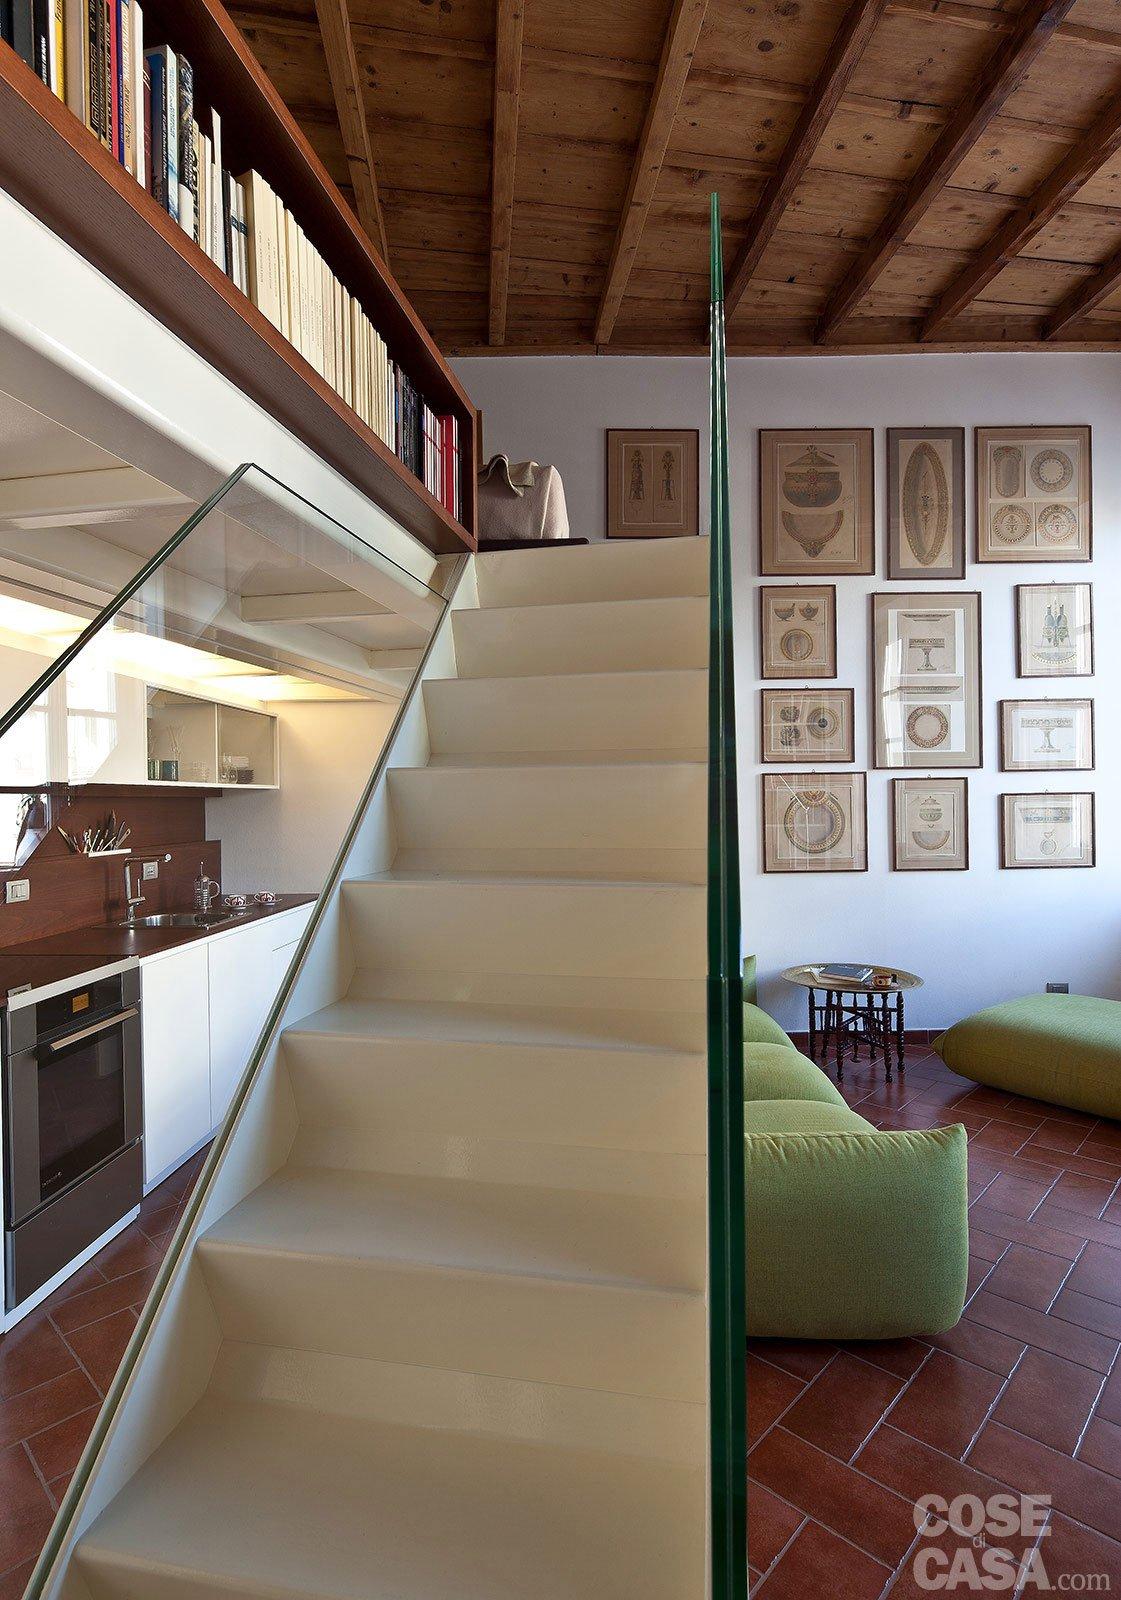 Un monolocale ampliato in altezza cose di casa - Scale di casa ...